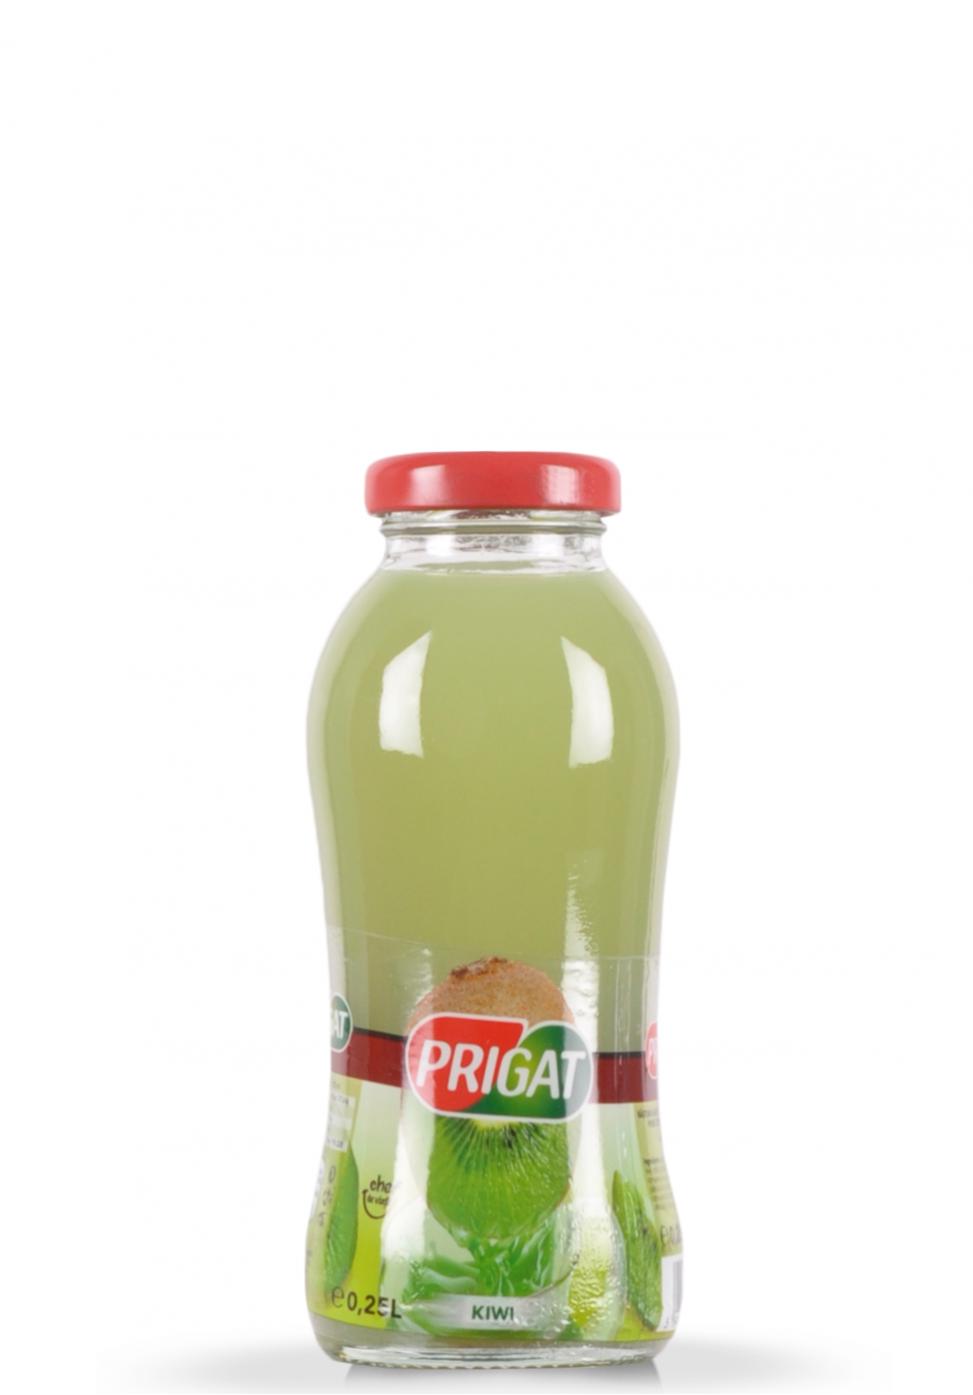 Prigat Nectar Kiwi (12X0.25L)